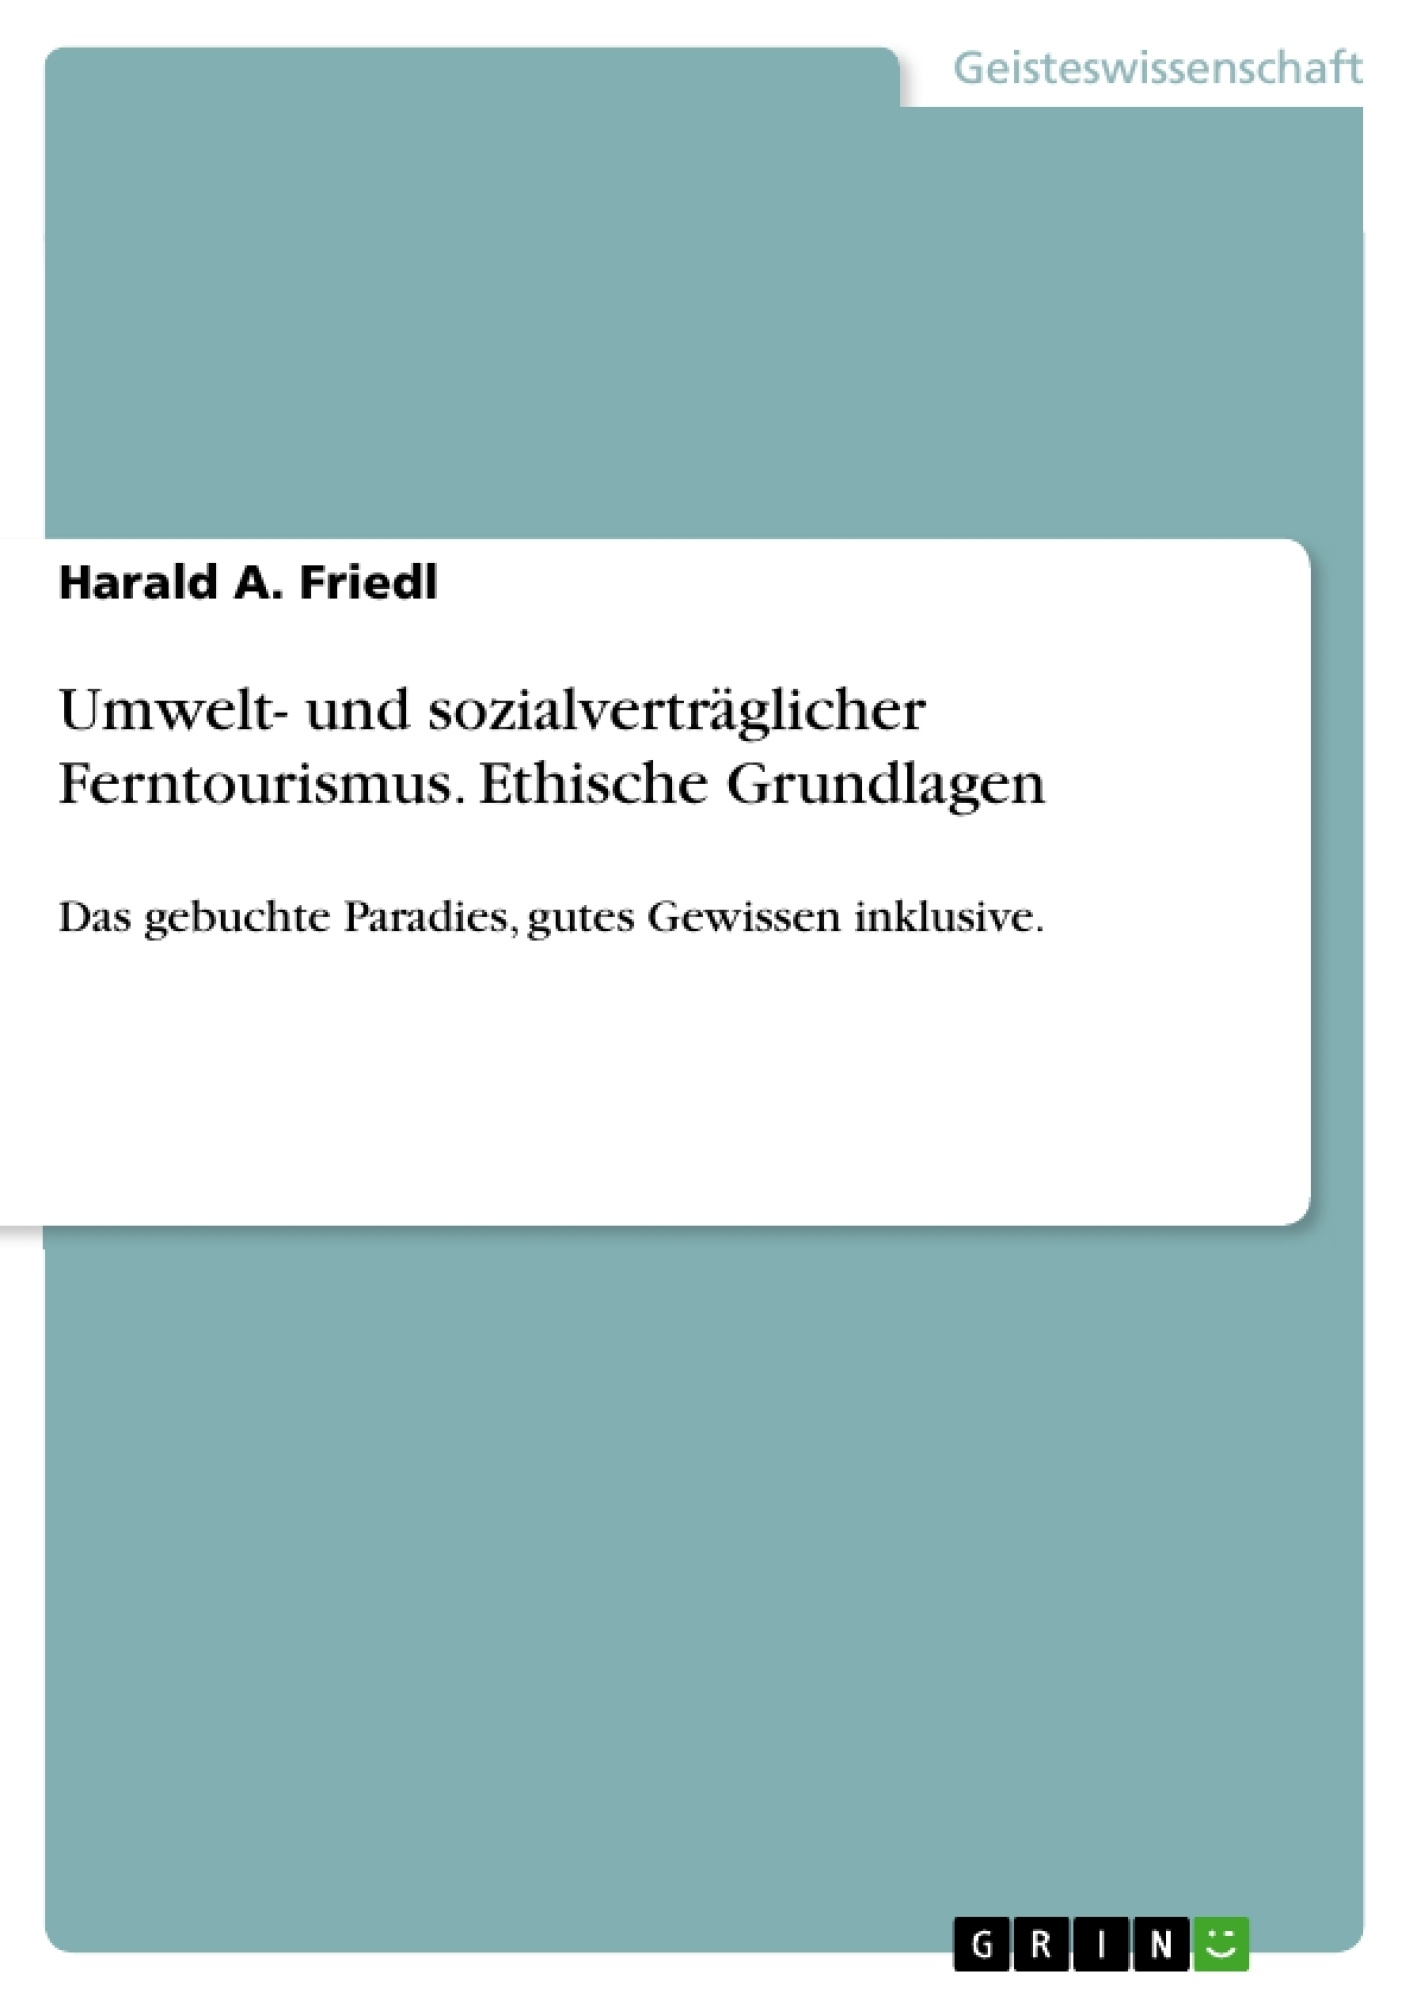 Titel: Umwelt- und sozialverträglicher Ferntourismus. Ethische Grundlagen